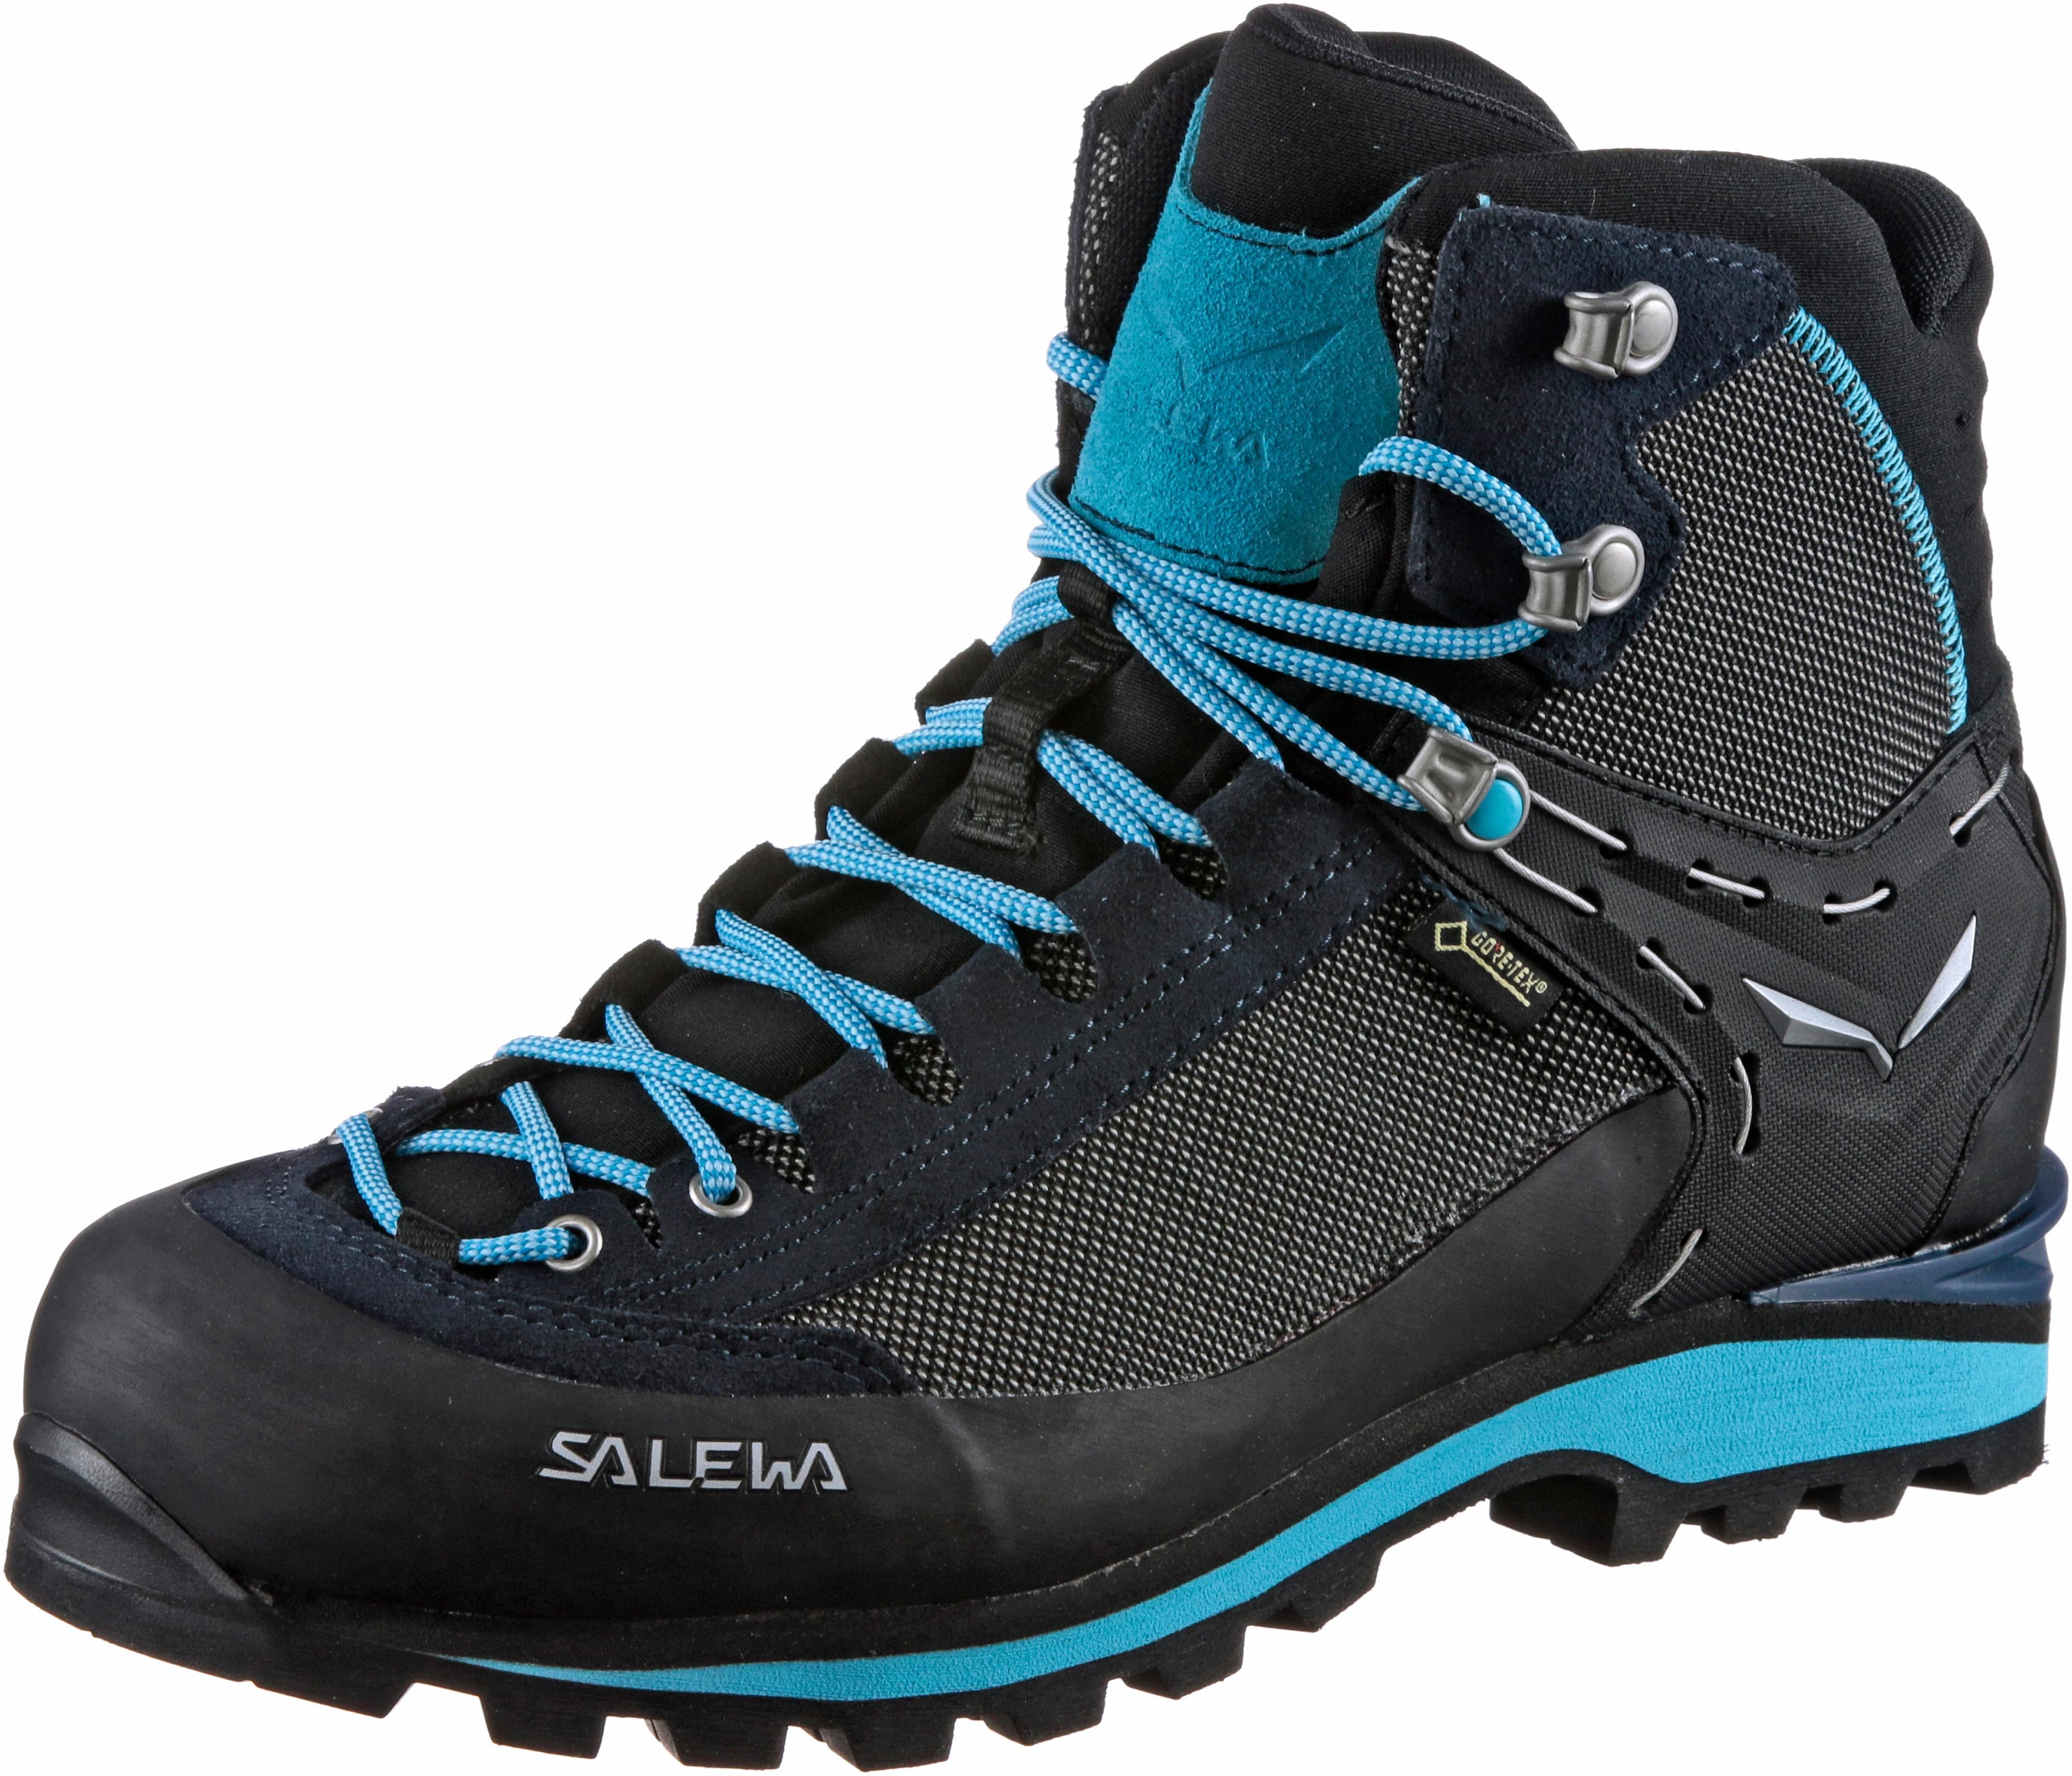 SIMOND Bergschuhe Alpinism Light Bergsteigen Damen, Größe: 39